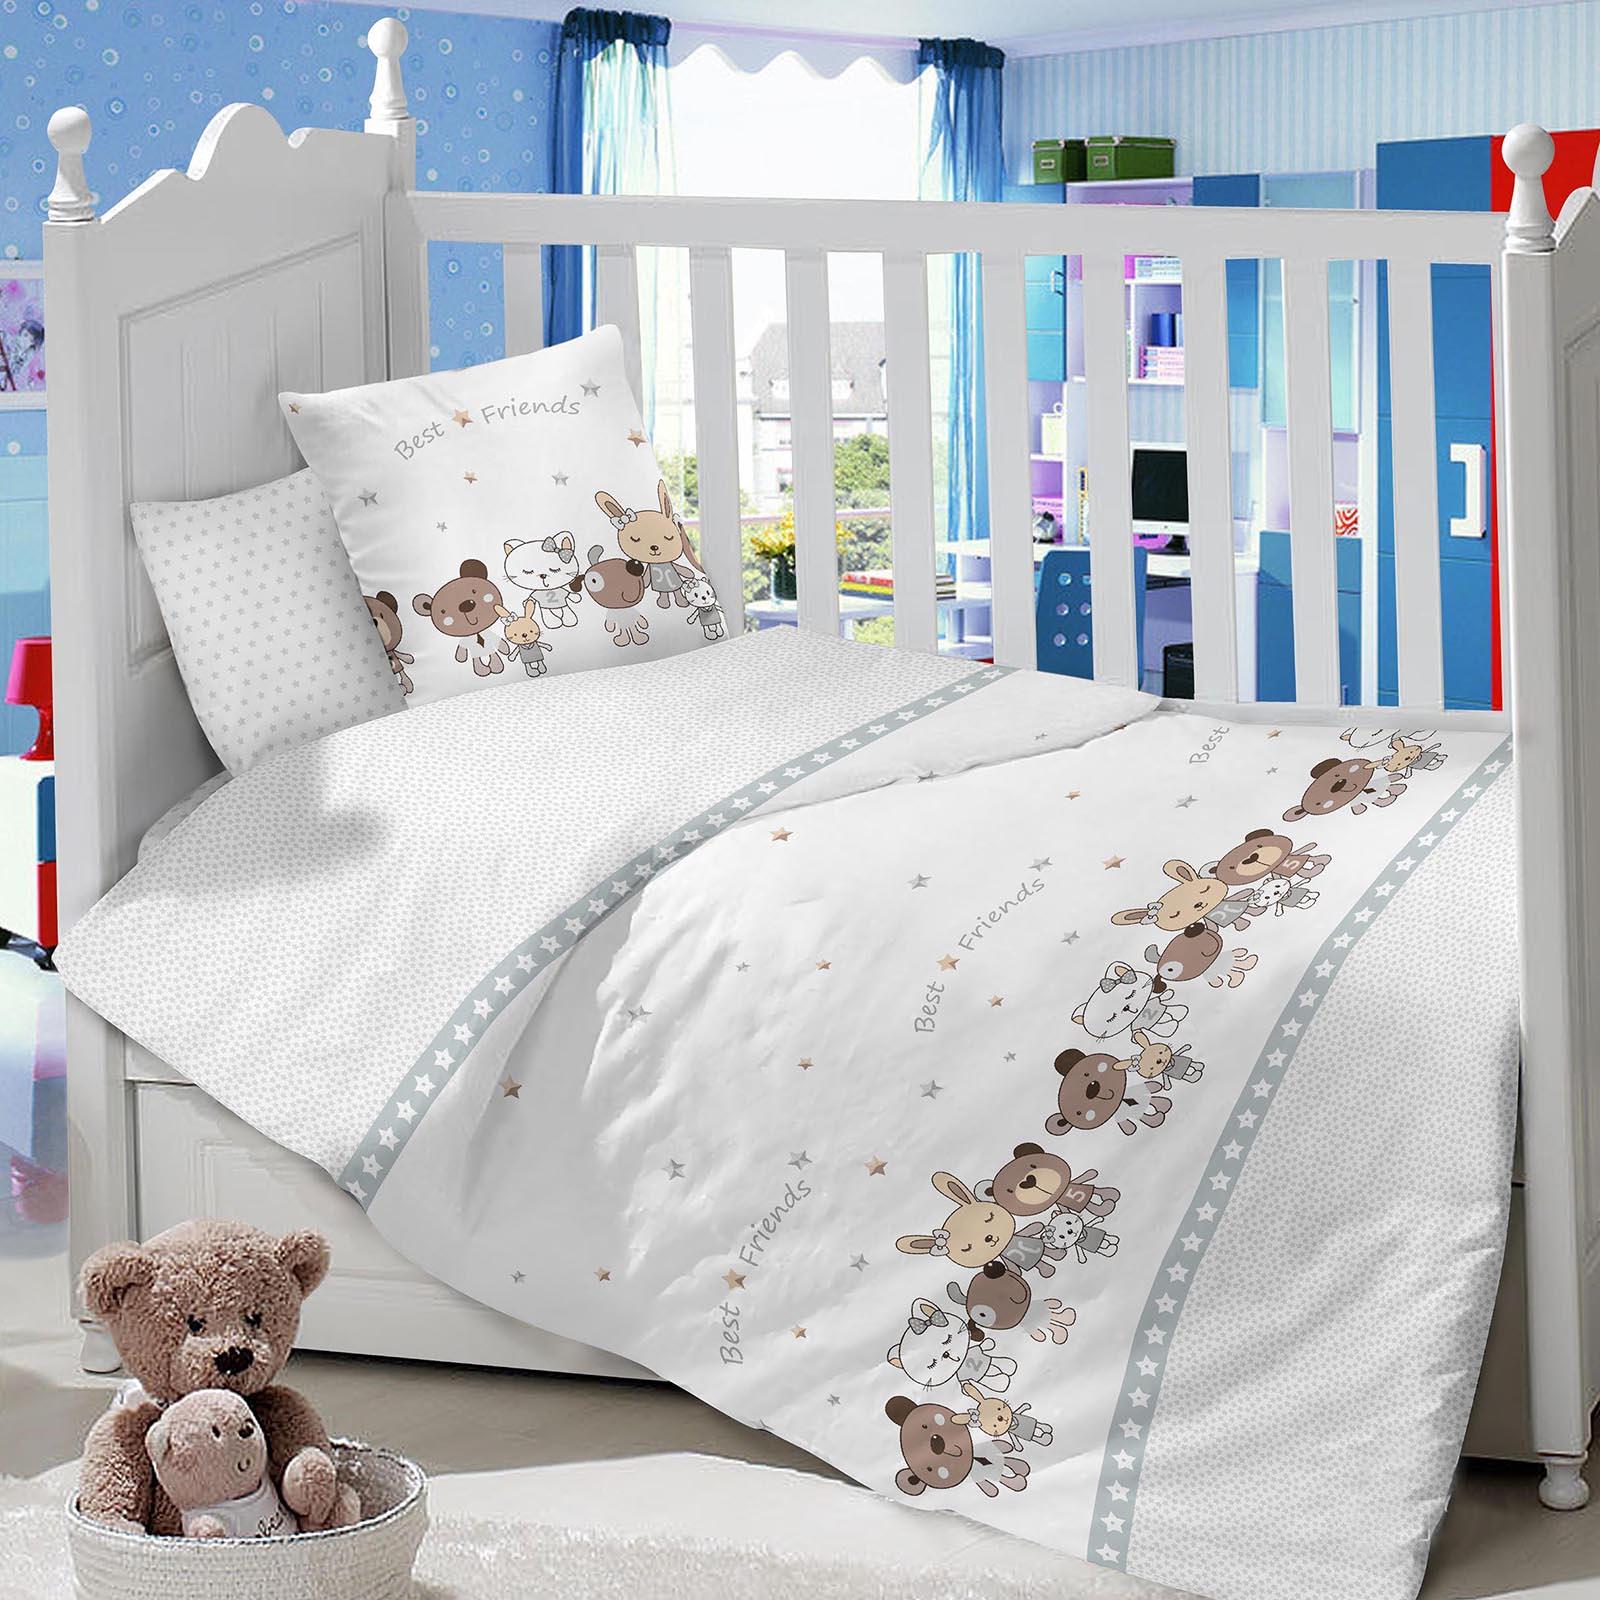 Комплект в кроватку LIMETIME Комплект в кроватку, простыня на резинке, LT1000-24, белый